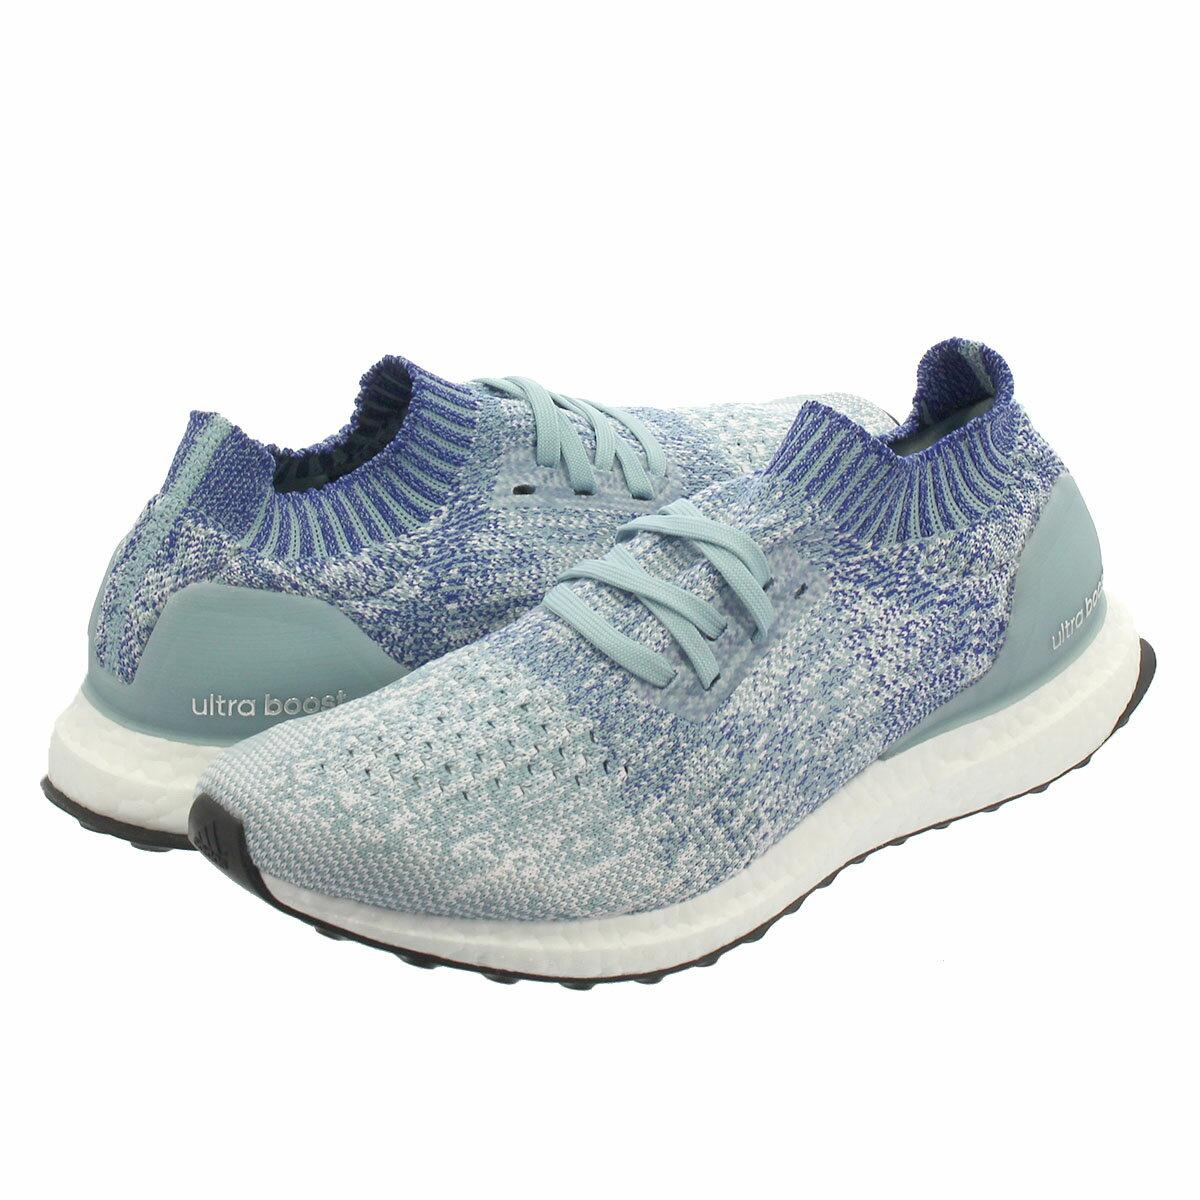 メンズ靴, スニーカー  adidas ULTRA BOOST UNCAGED ASH GRAYACTIVE BLUE b37693